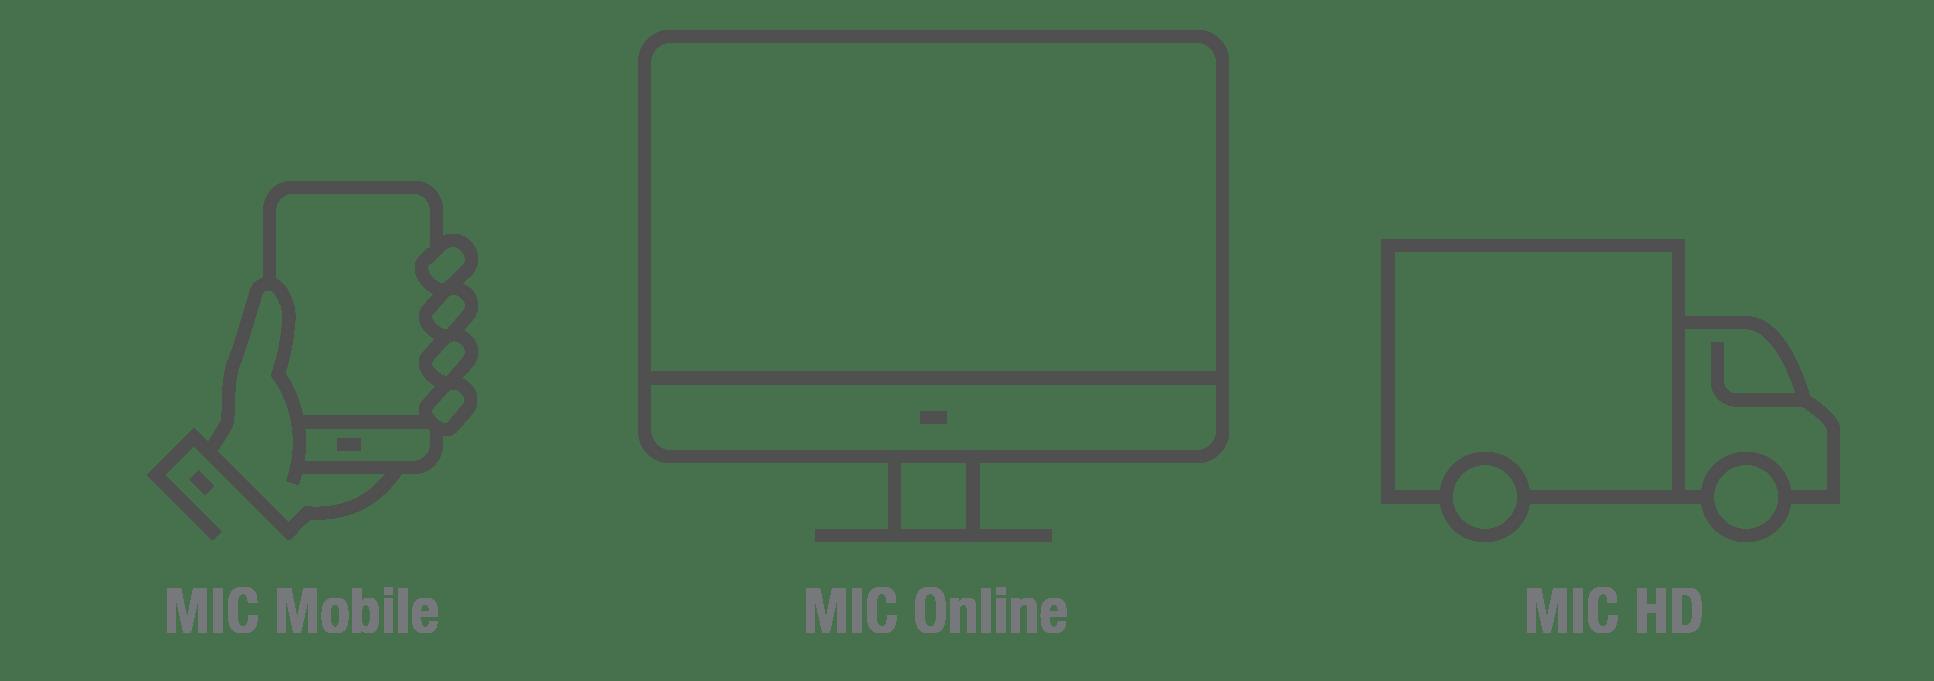 mic online family